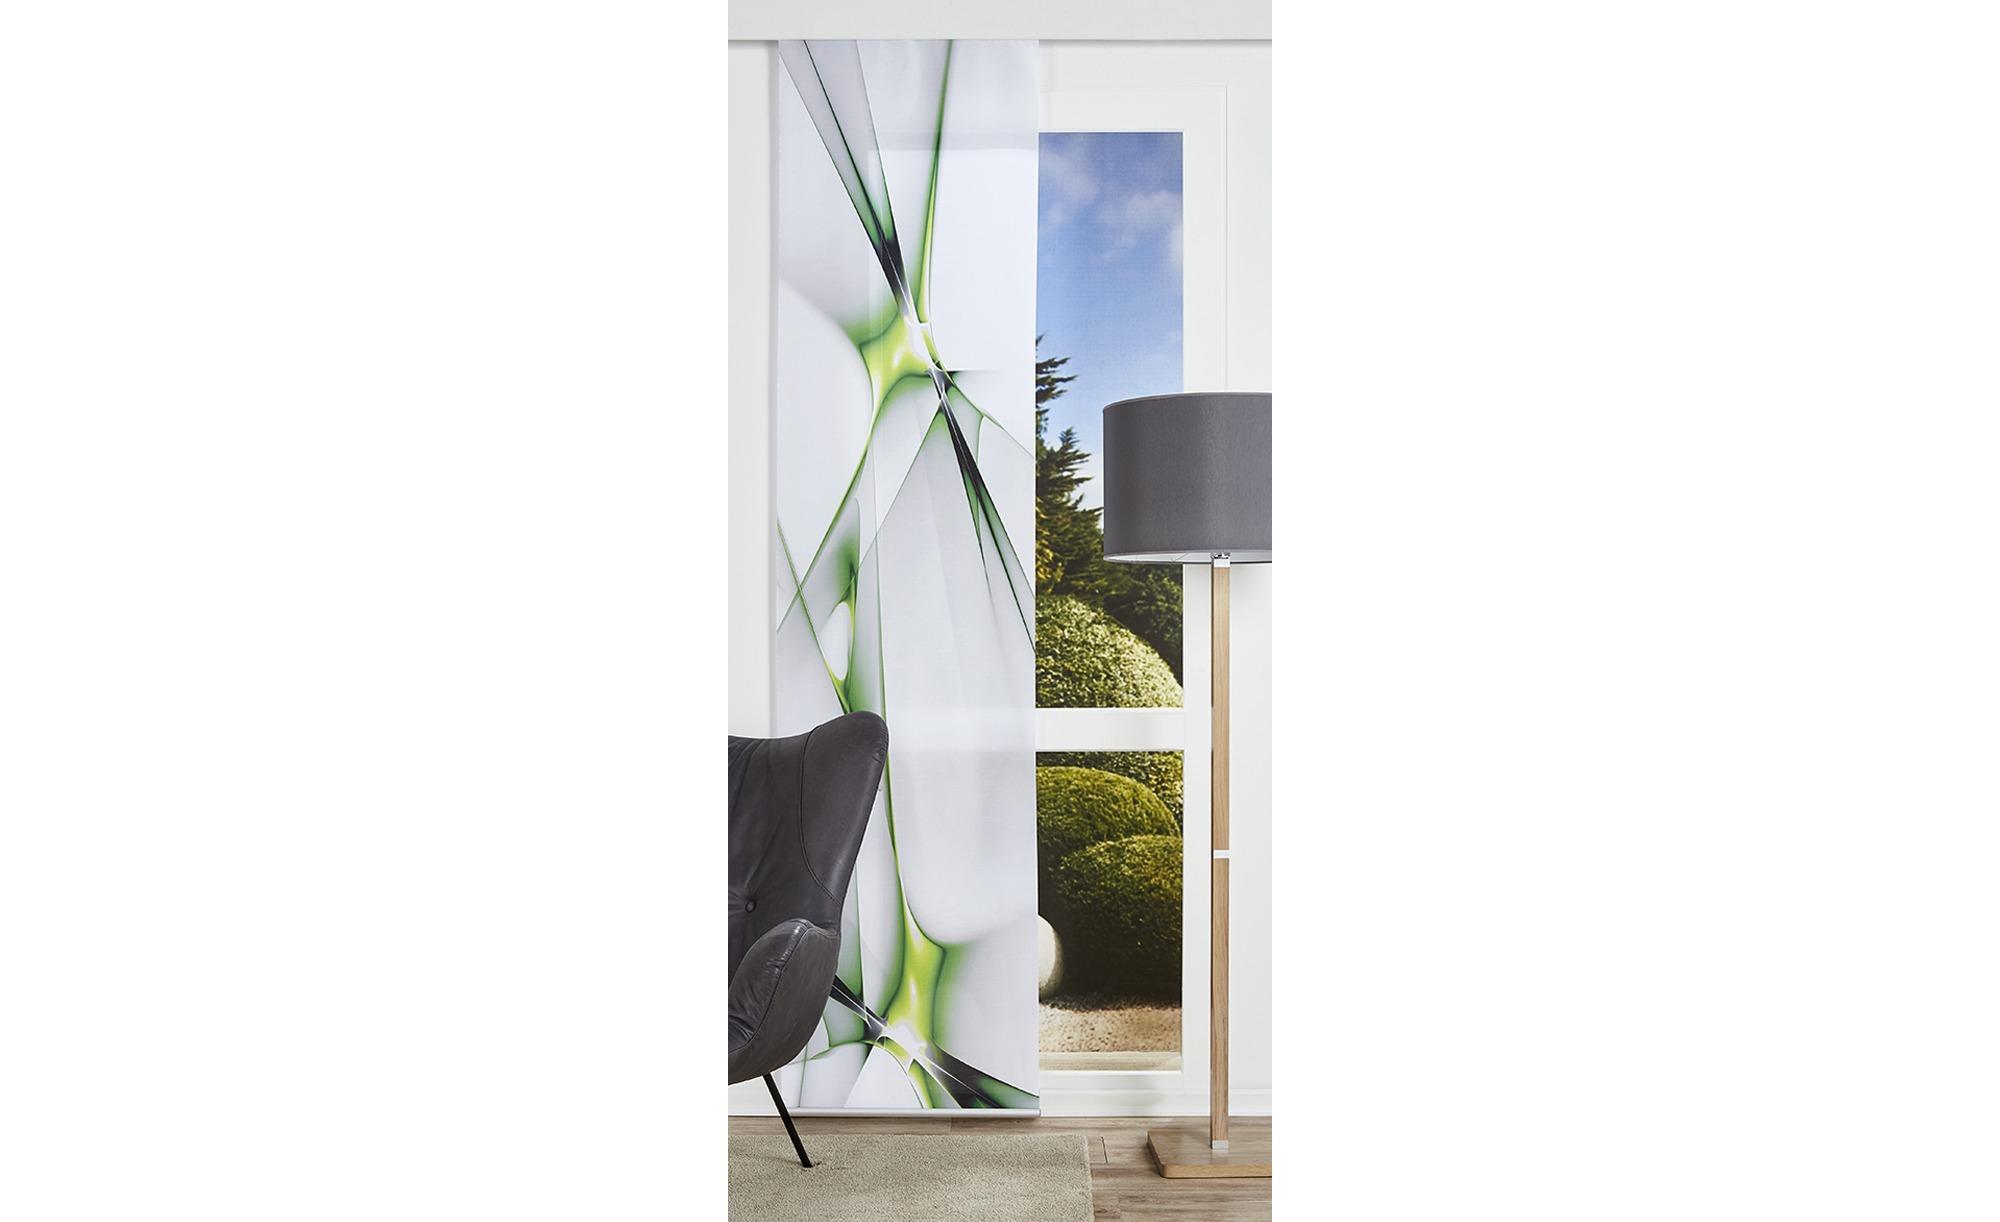 Panello ¦ grün ¦ Polyester ¦ Maße (cm): B: 60 Gardinen & Vorhänge > Gardinen & Fertigstore > Schiebegardinen - Höffner